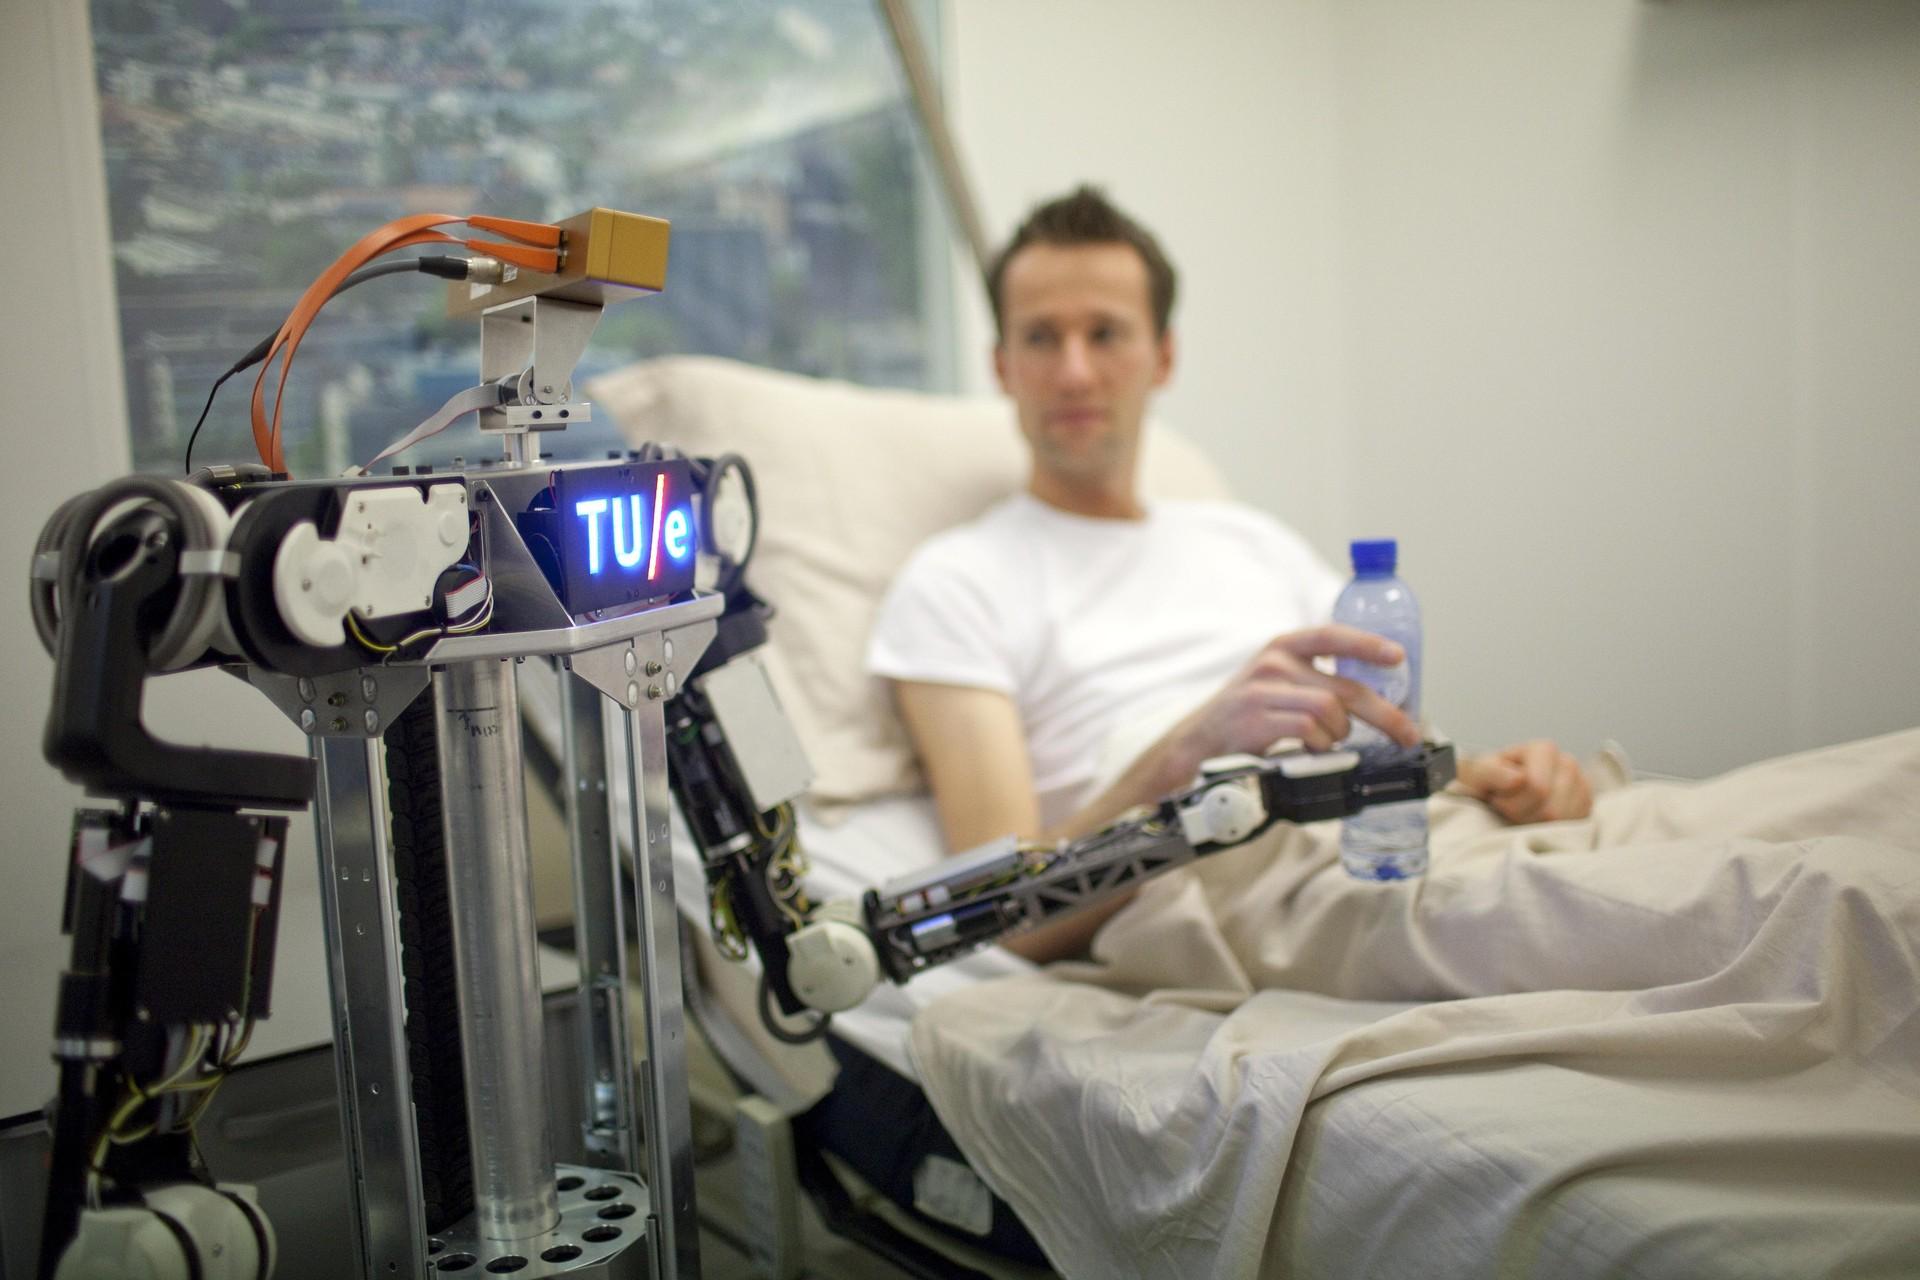 Com a ferramenta, robôs fazem upload, armazenam e compartilham conhecimento (Foto: Divulgação)